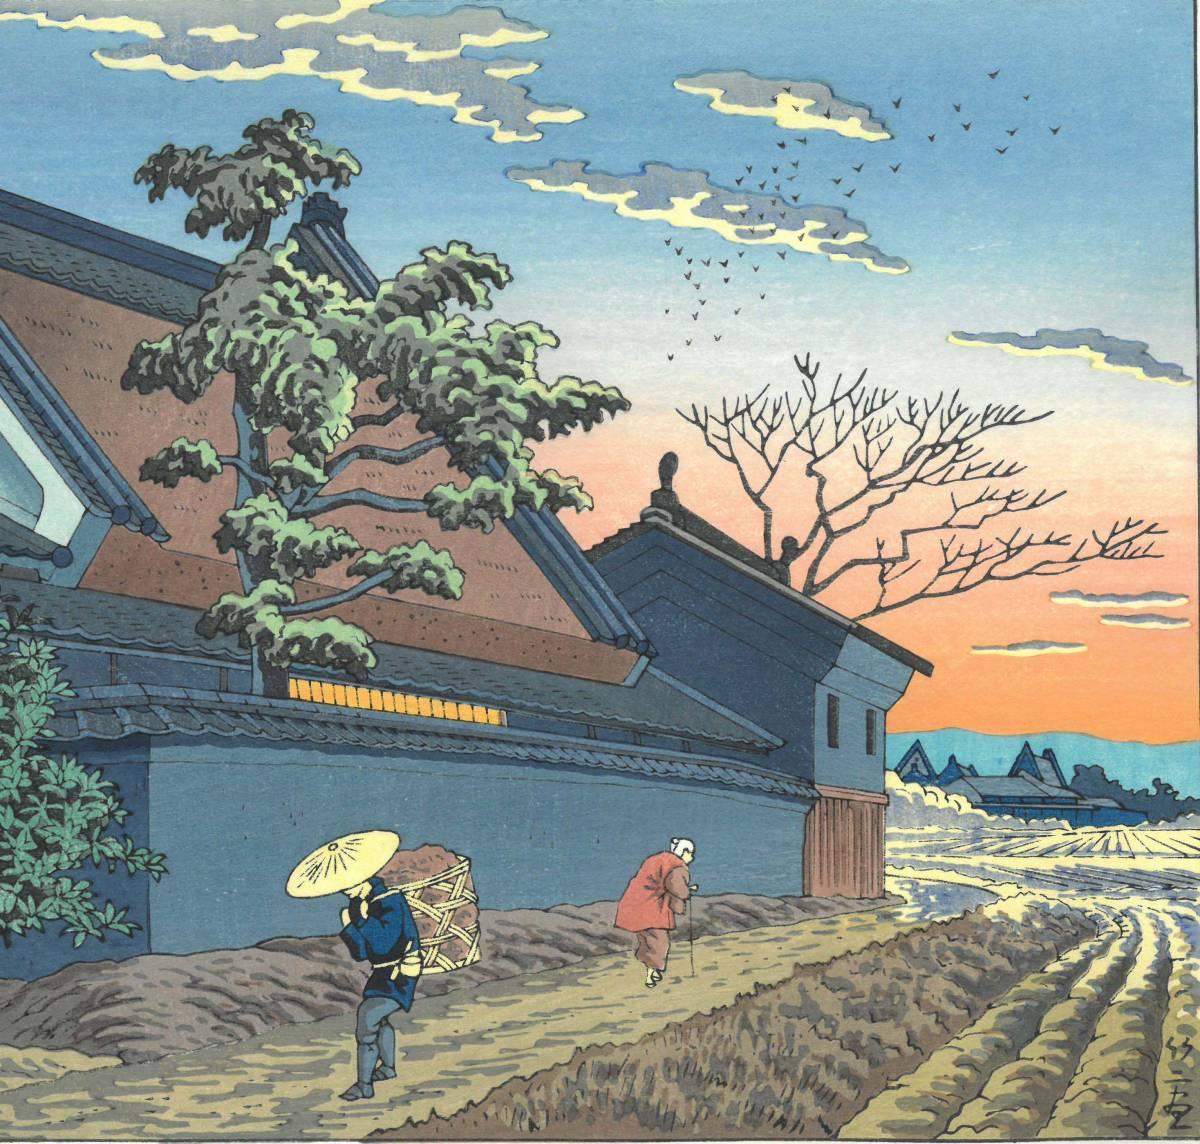 浅野竹二 (Asano Takeji) 木版画 TA20 大和路暮色 新版画 初版昭和20年頃 京都の一流の摺師の技をご堪能下さい!!_画像8